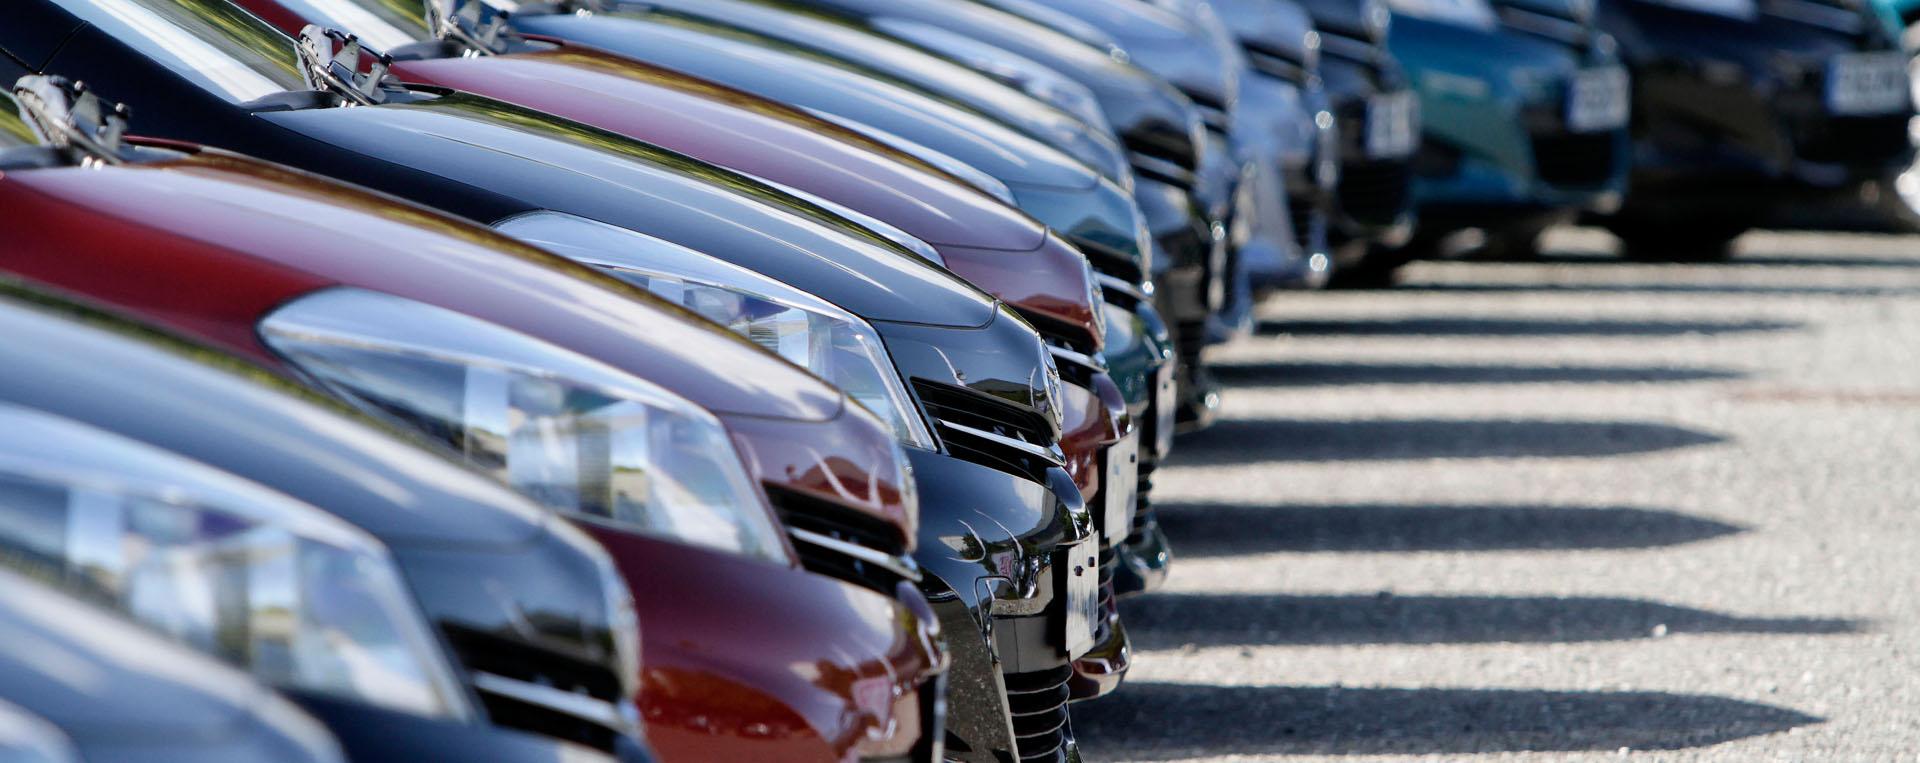 Gestiona tu flota de vehículos y aumenta su productividad